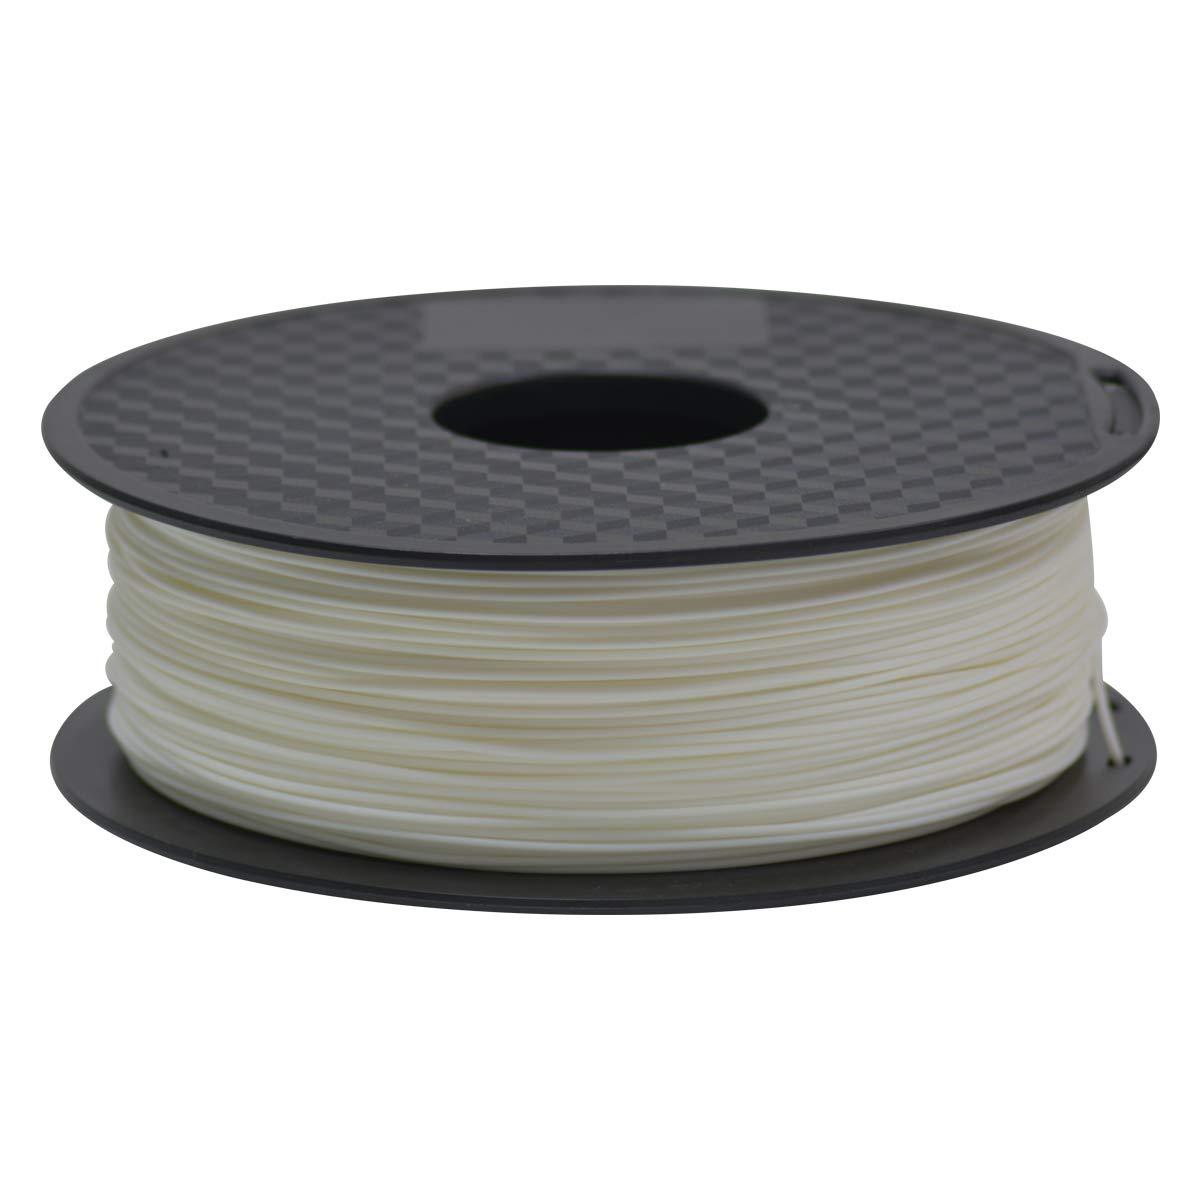 3D Drucker filament 1.75mm GIANTARM Filament ABS 3D Filament 1kg Rolle for 3D Drucker Grauwei/ß.